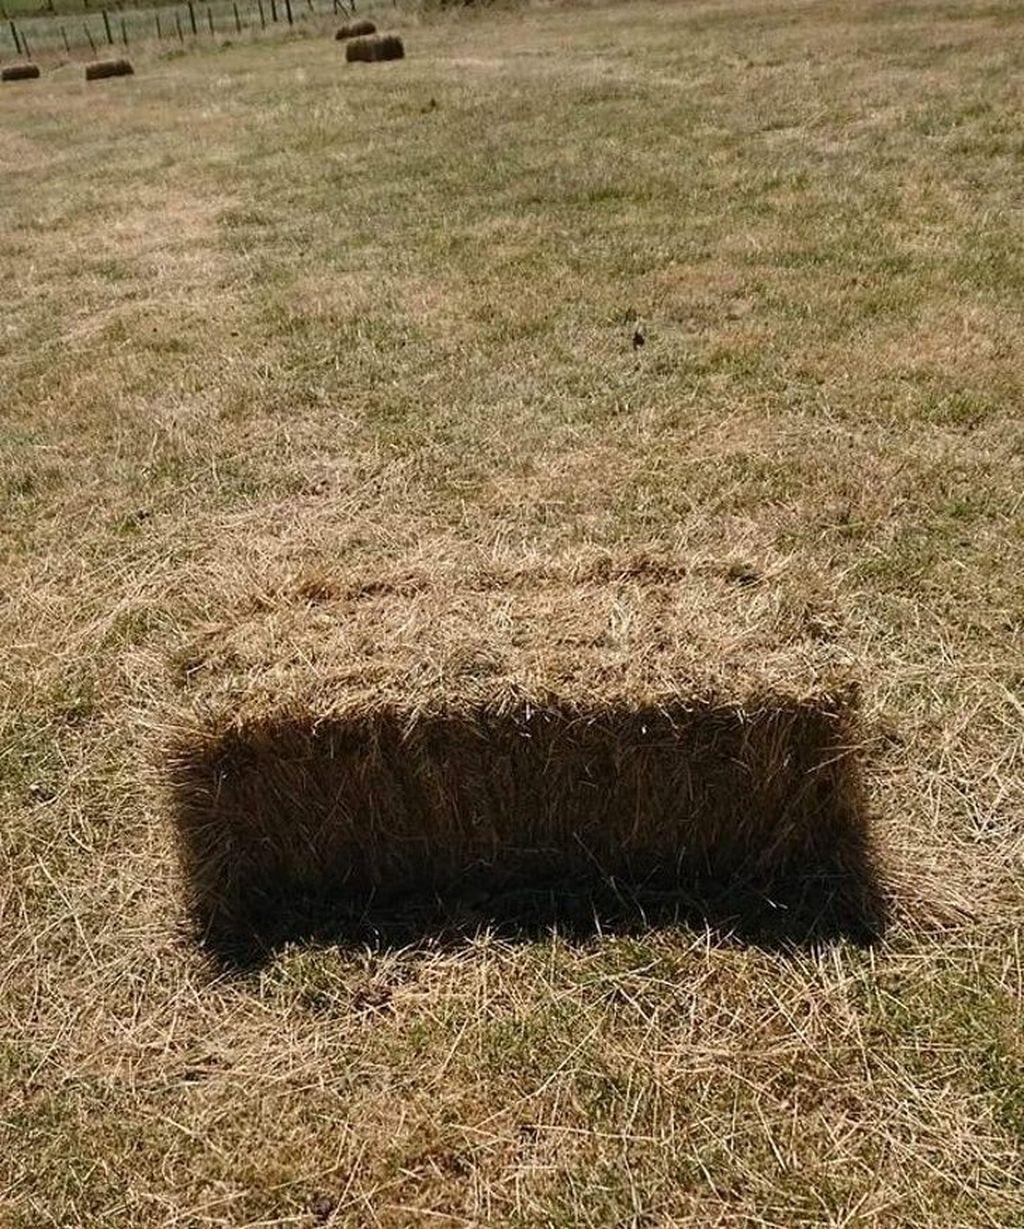 Foto yang jadi perdebatan, rumput ini berlubang atau hanya sebuah bayangan hitam saja/? (Foto: Brightside)